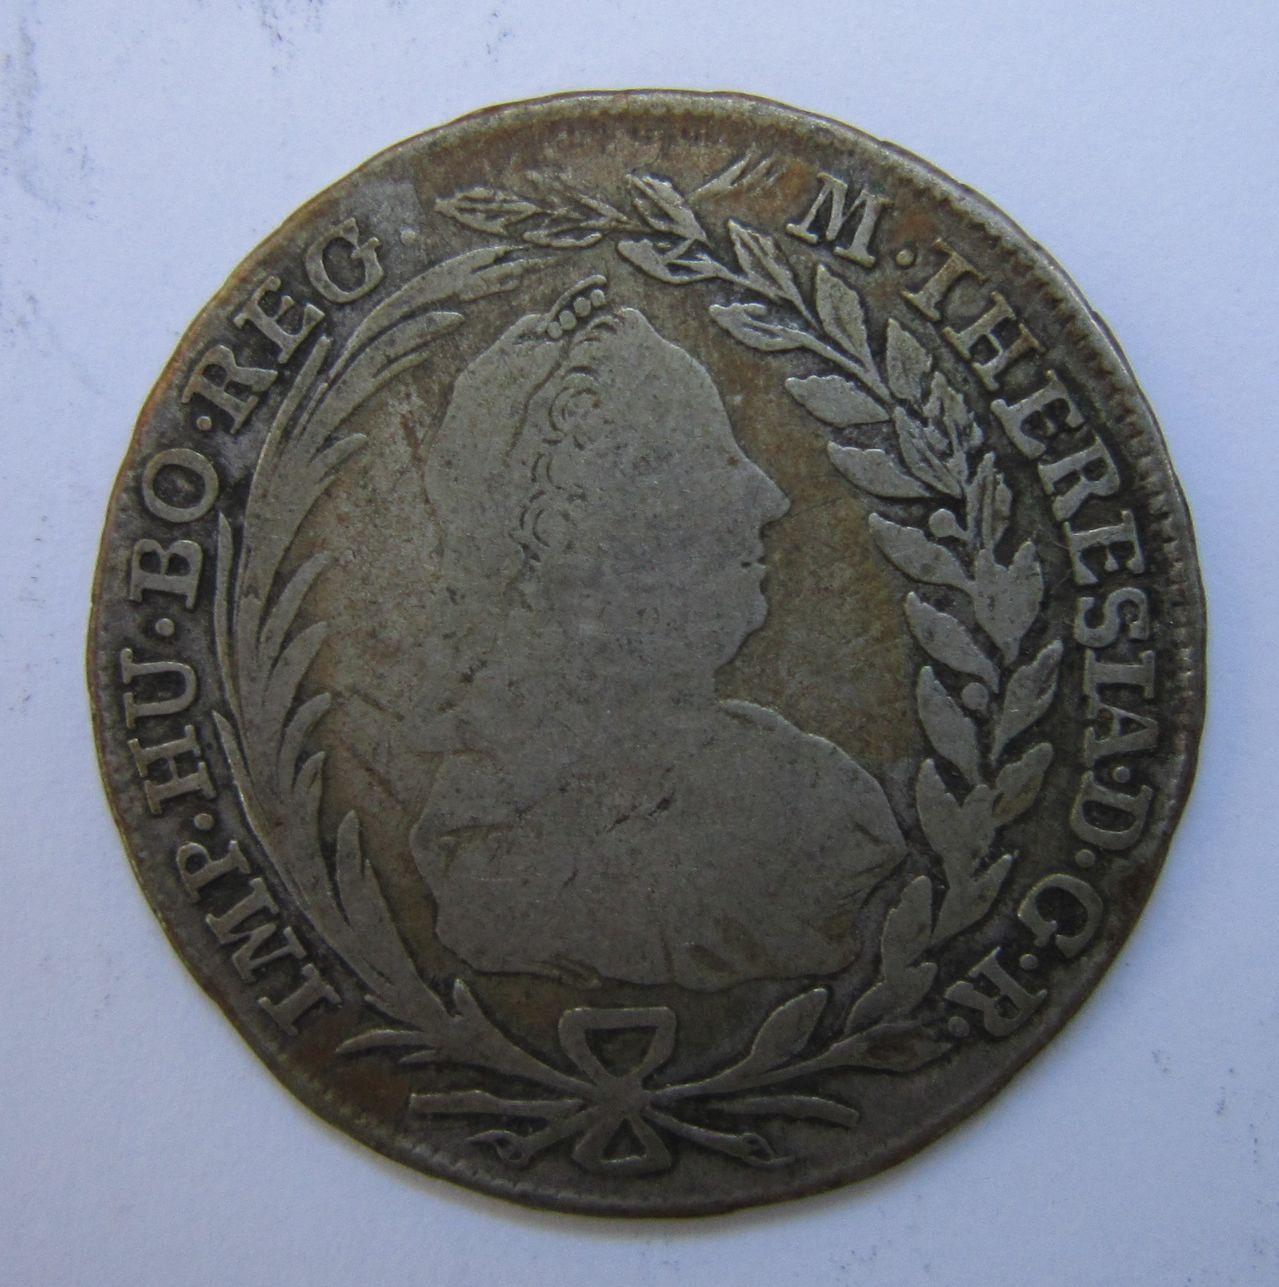 20 kreuzer 1772. Viena (Austria). Maria Theresa I. 20_kreuzer_1772_Viena_anv